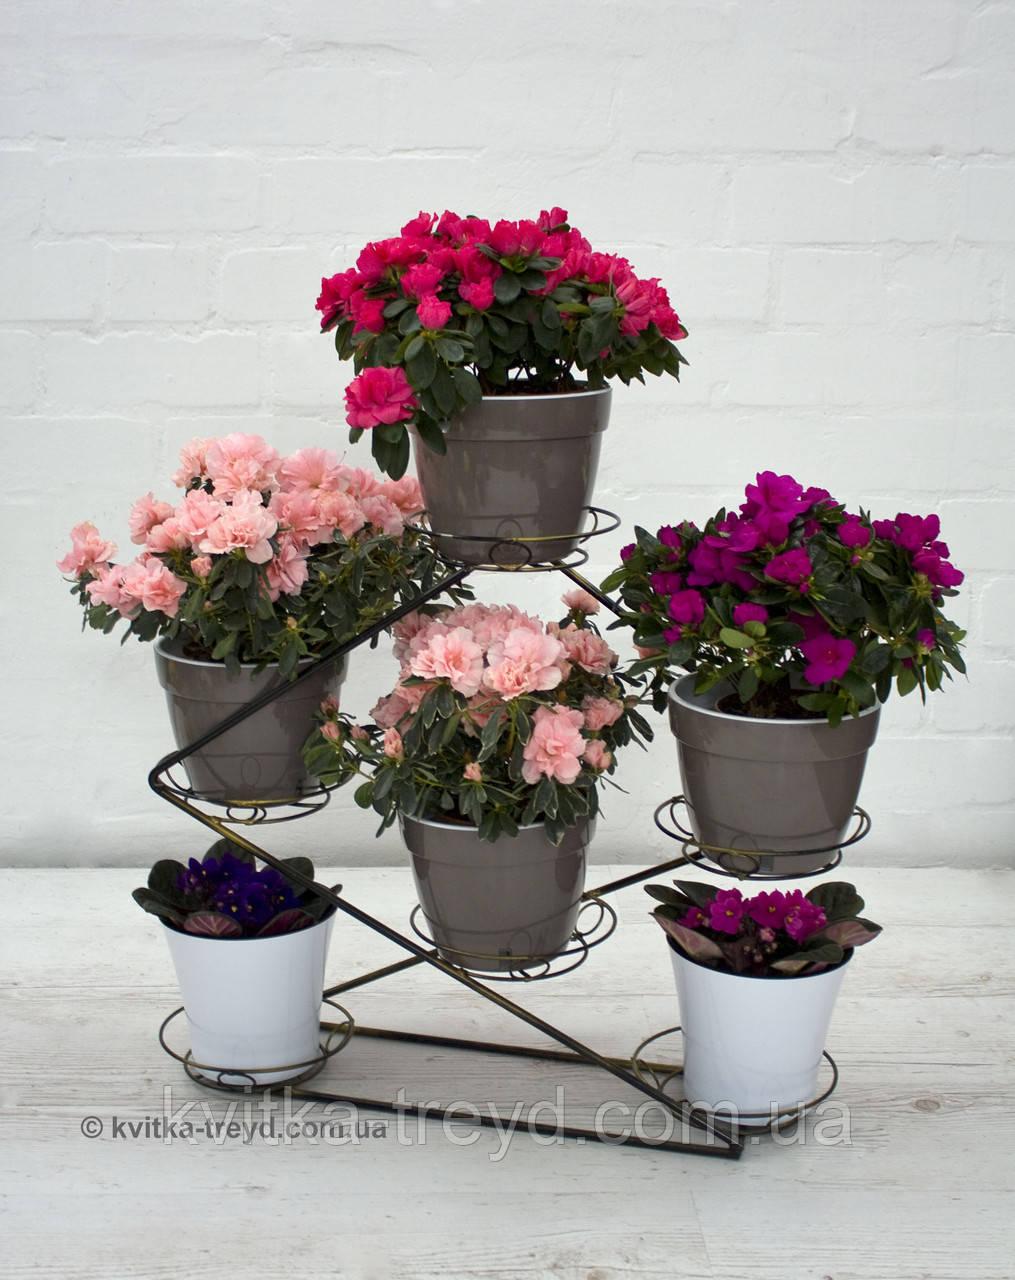 Кованая подставка для цветов Инь Янь